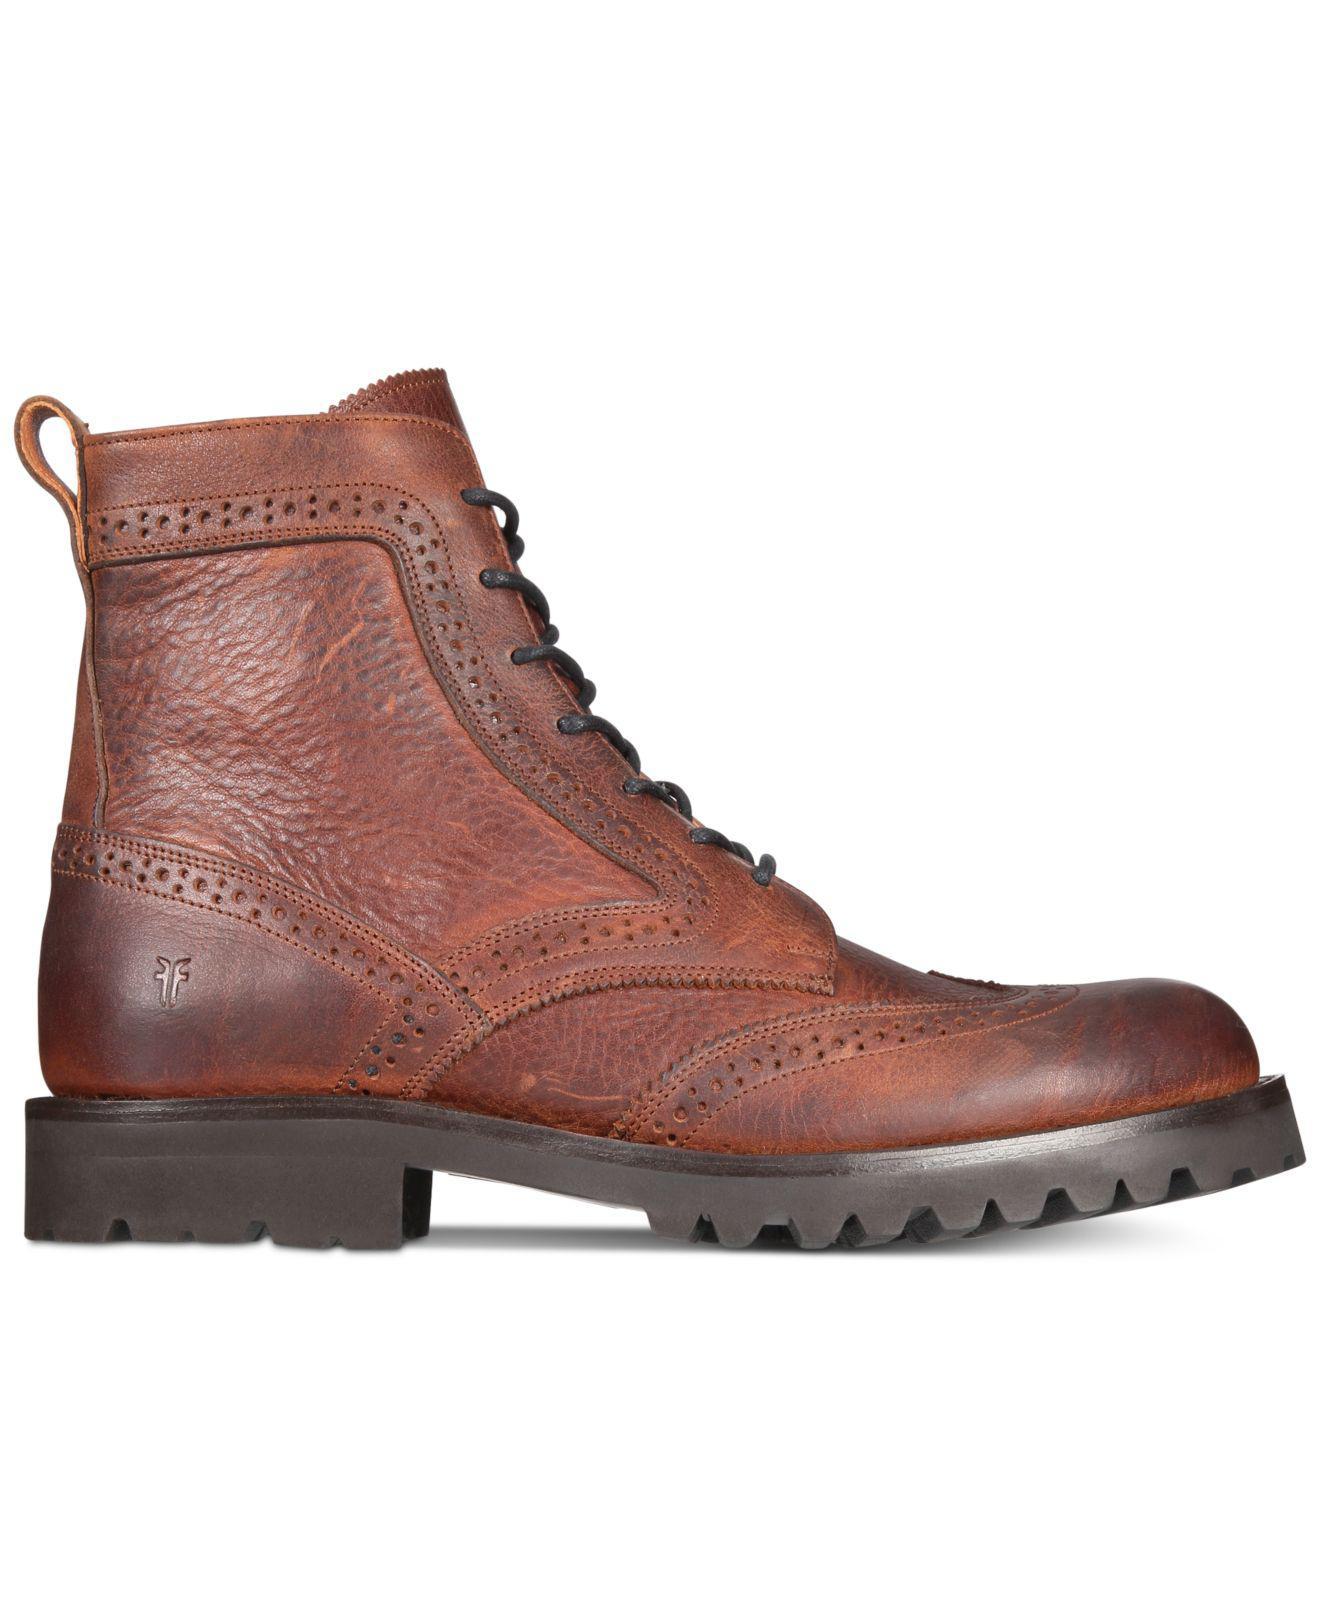 7ea85b37a70e Lyst - Frye Men s Earl Wingtip Boots in Brown for Men